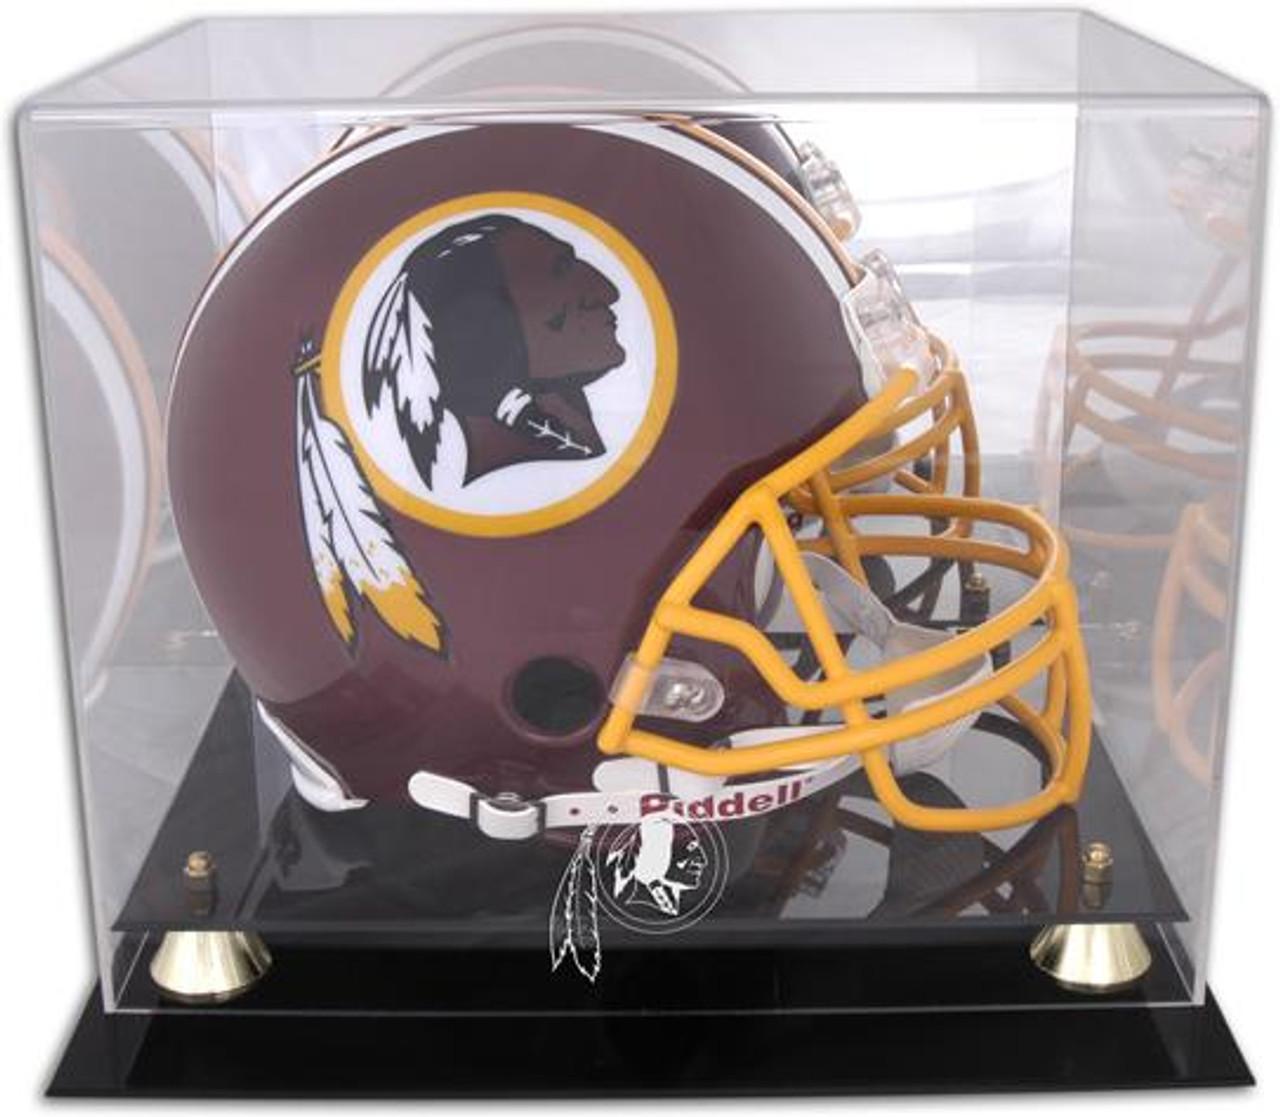 Display Cases Sports Mem, Cards & Fan Shop New Denver Broncos Football Helmet Display Case Black Sport Molding Uv Nfl